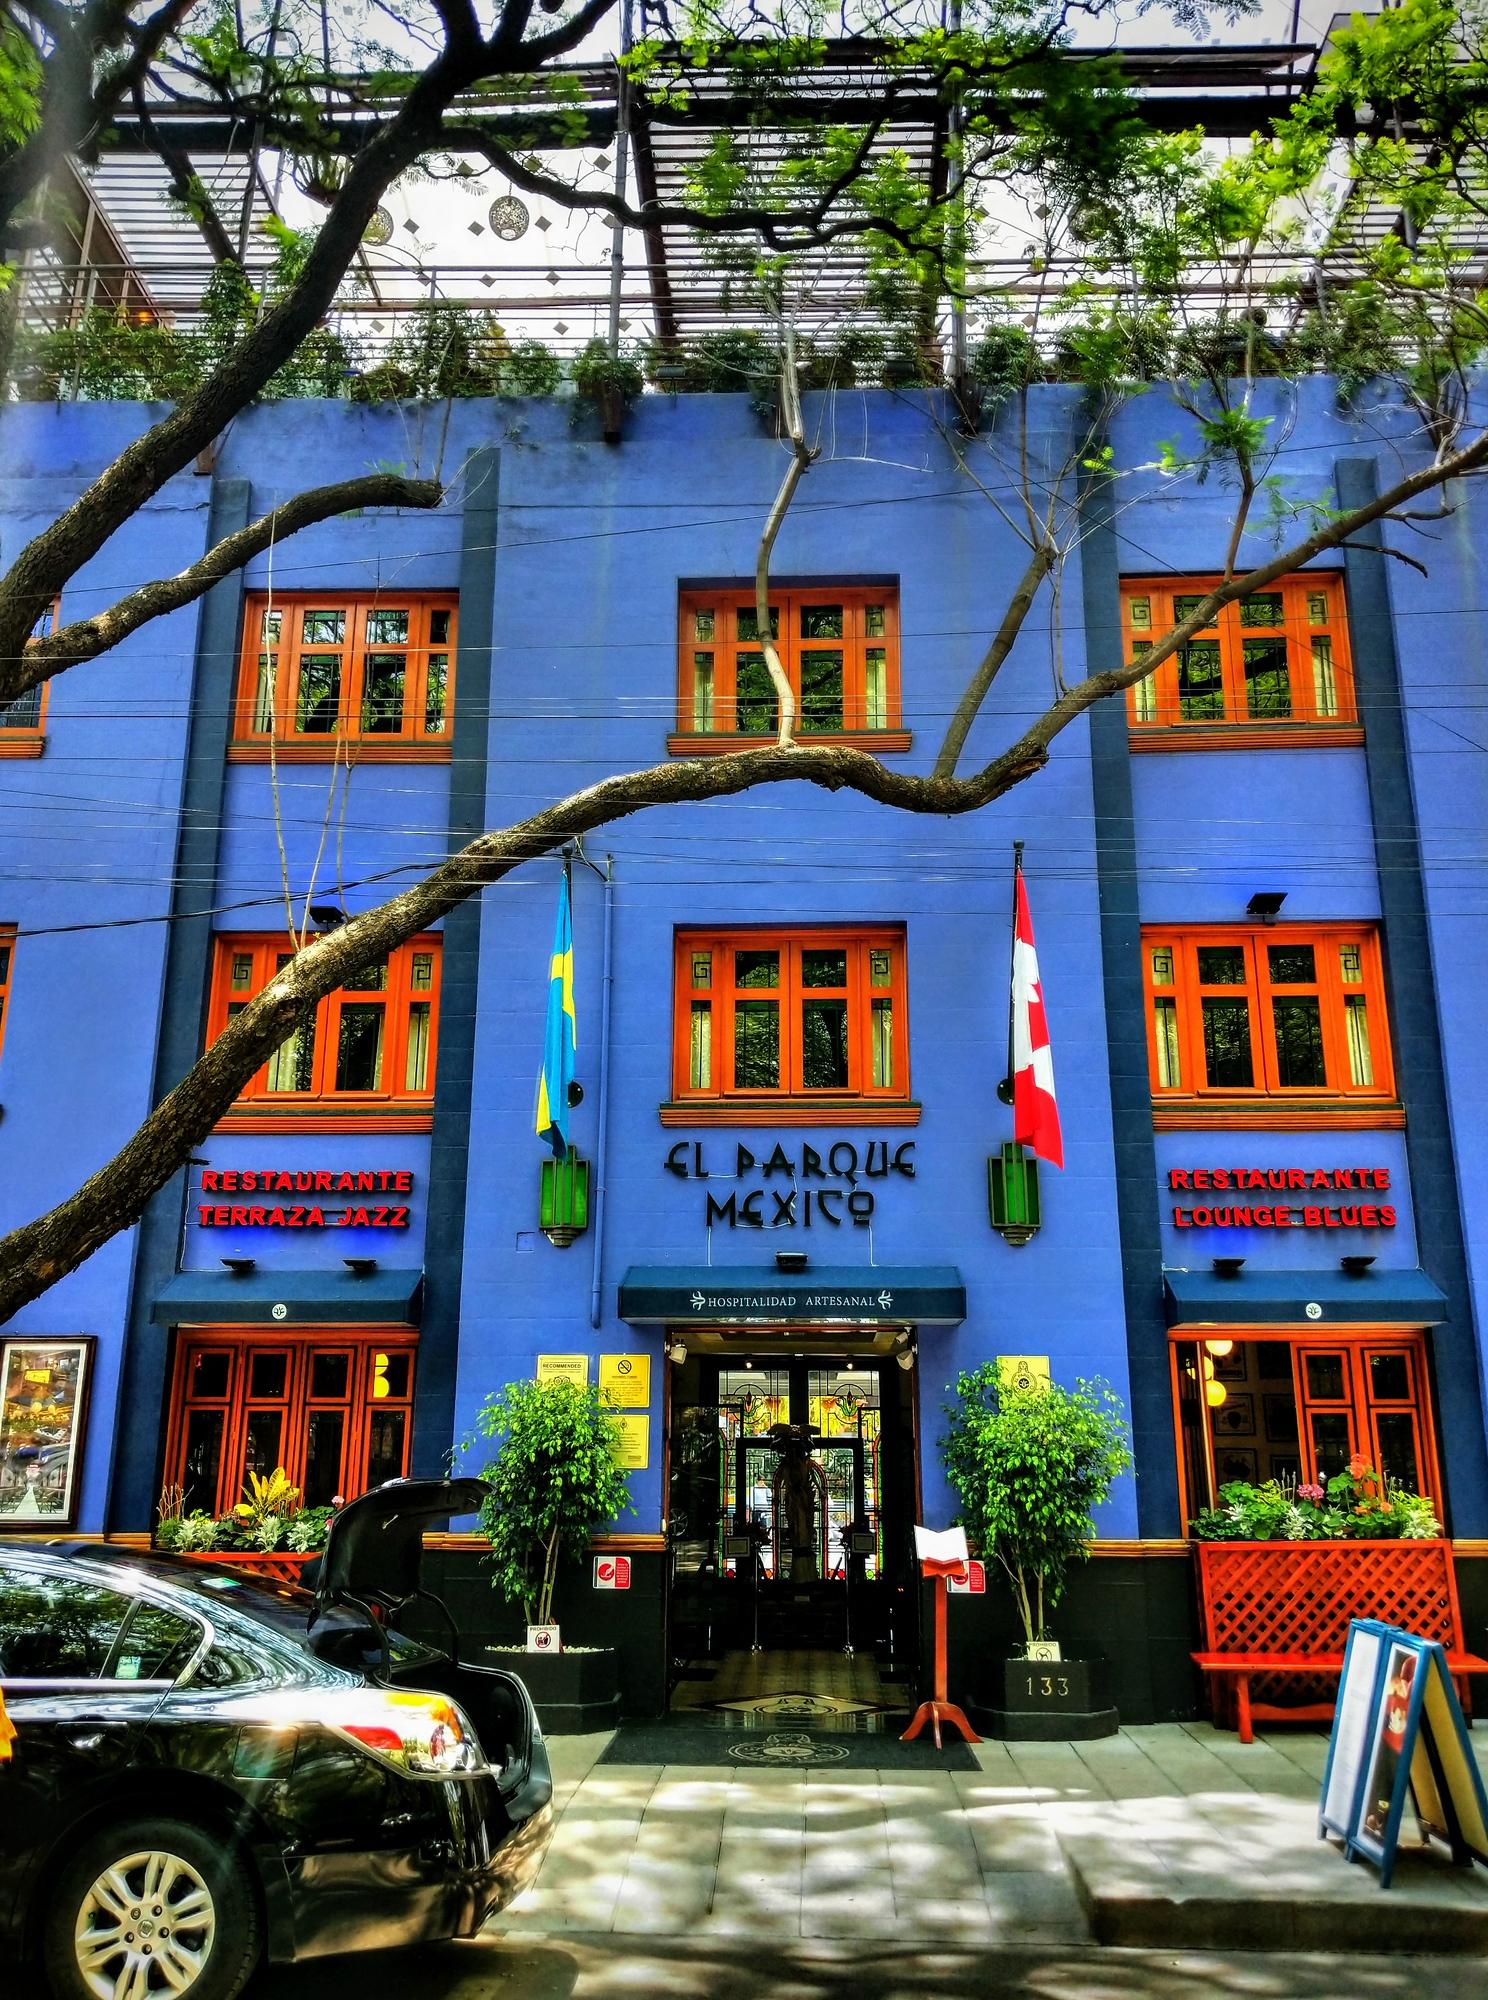 El Parque Mexico hotel in La Condesa Mexico City